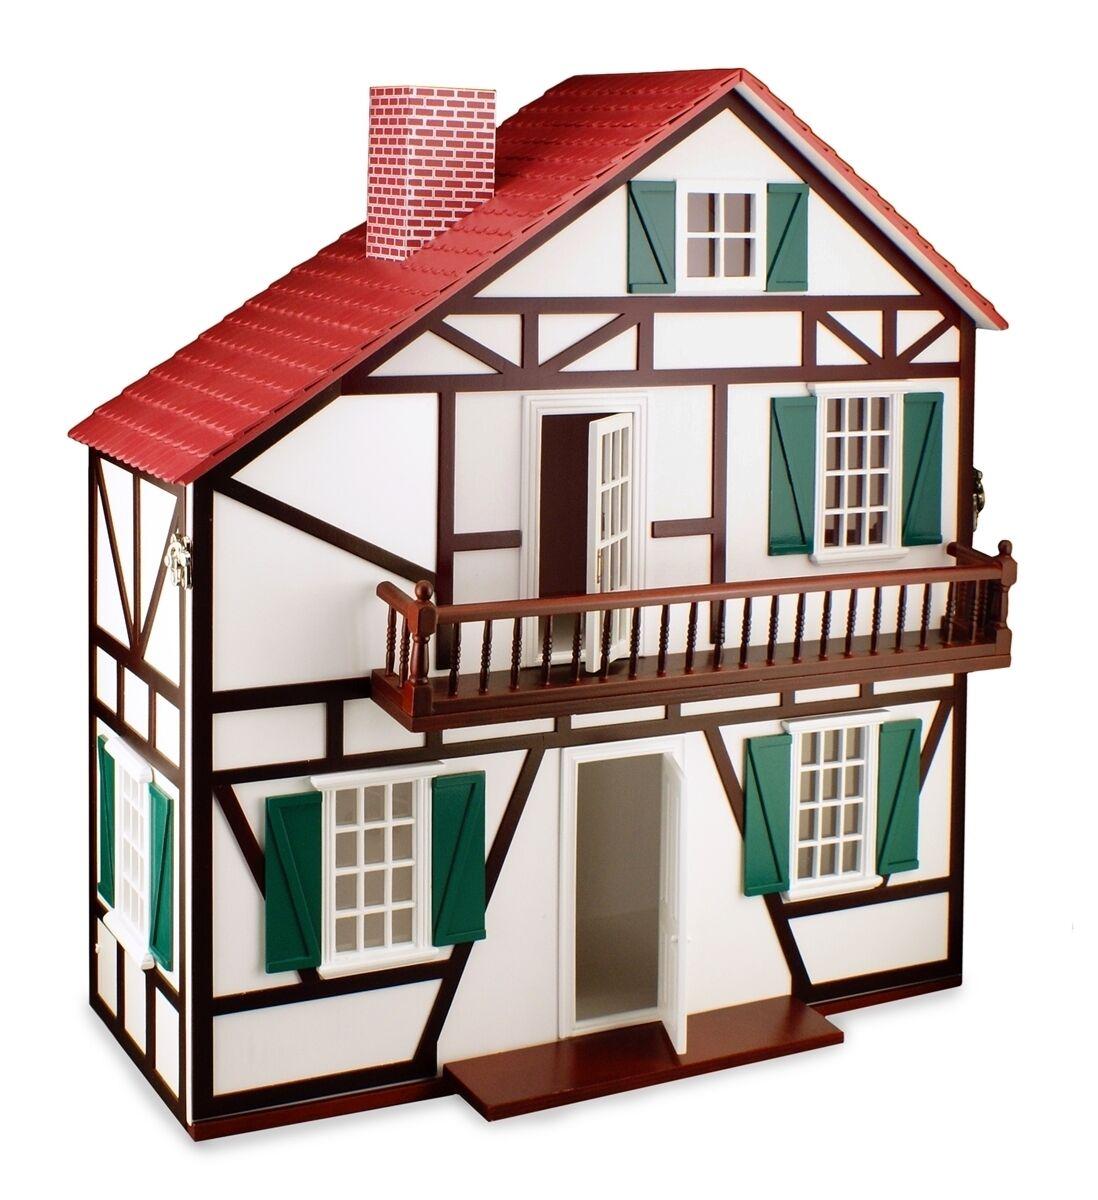 Reutter porzellan porzellan porzellan maison de poupée vide/Dollhouse Empty Kit 1:12 poupée 1.600/0 70a42c